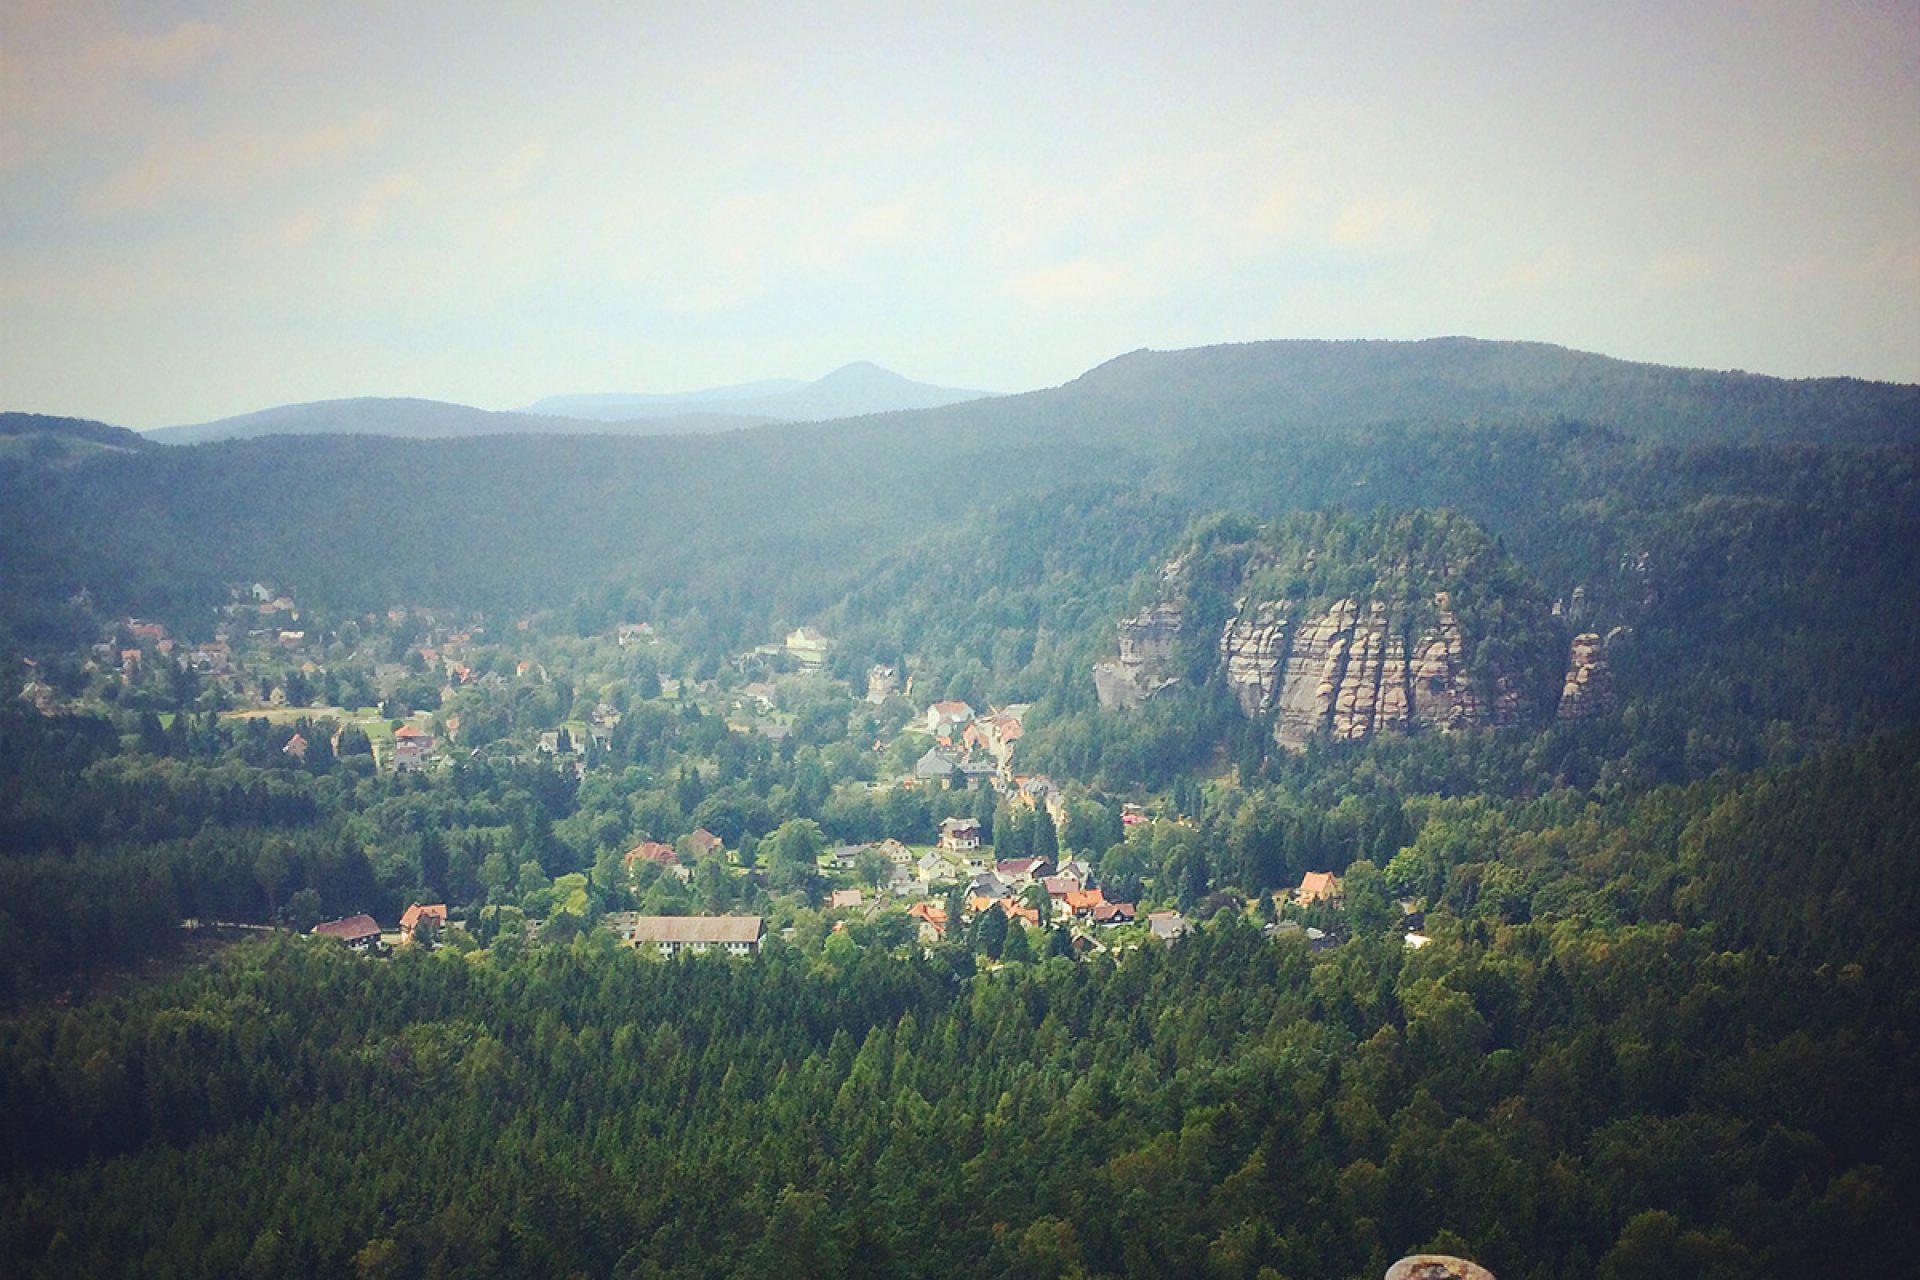 Der Kurort im Tal des Zittauer Gebirges gleichen Namens, wie der Fels davor: Oybin.